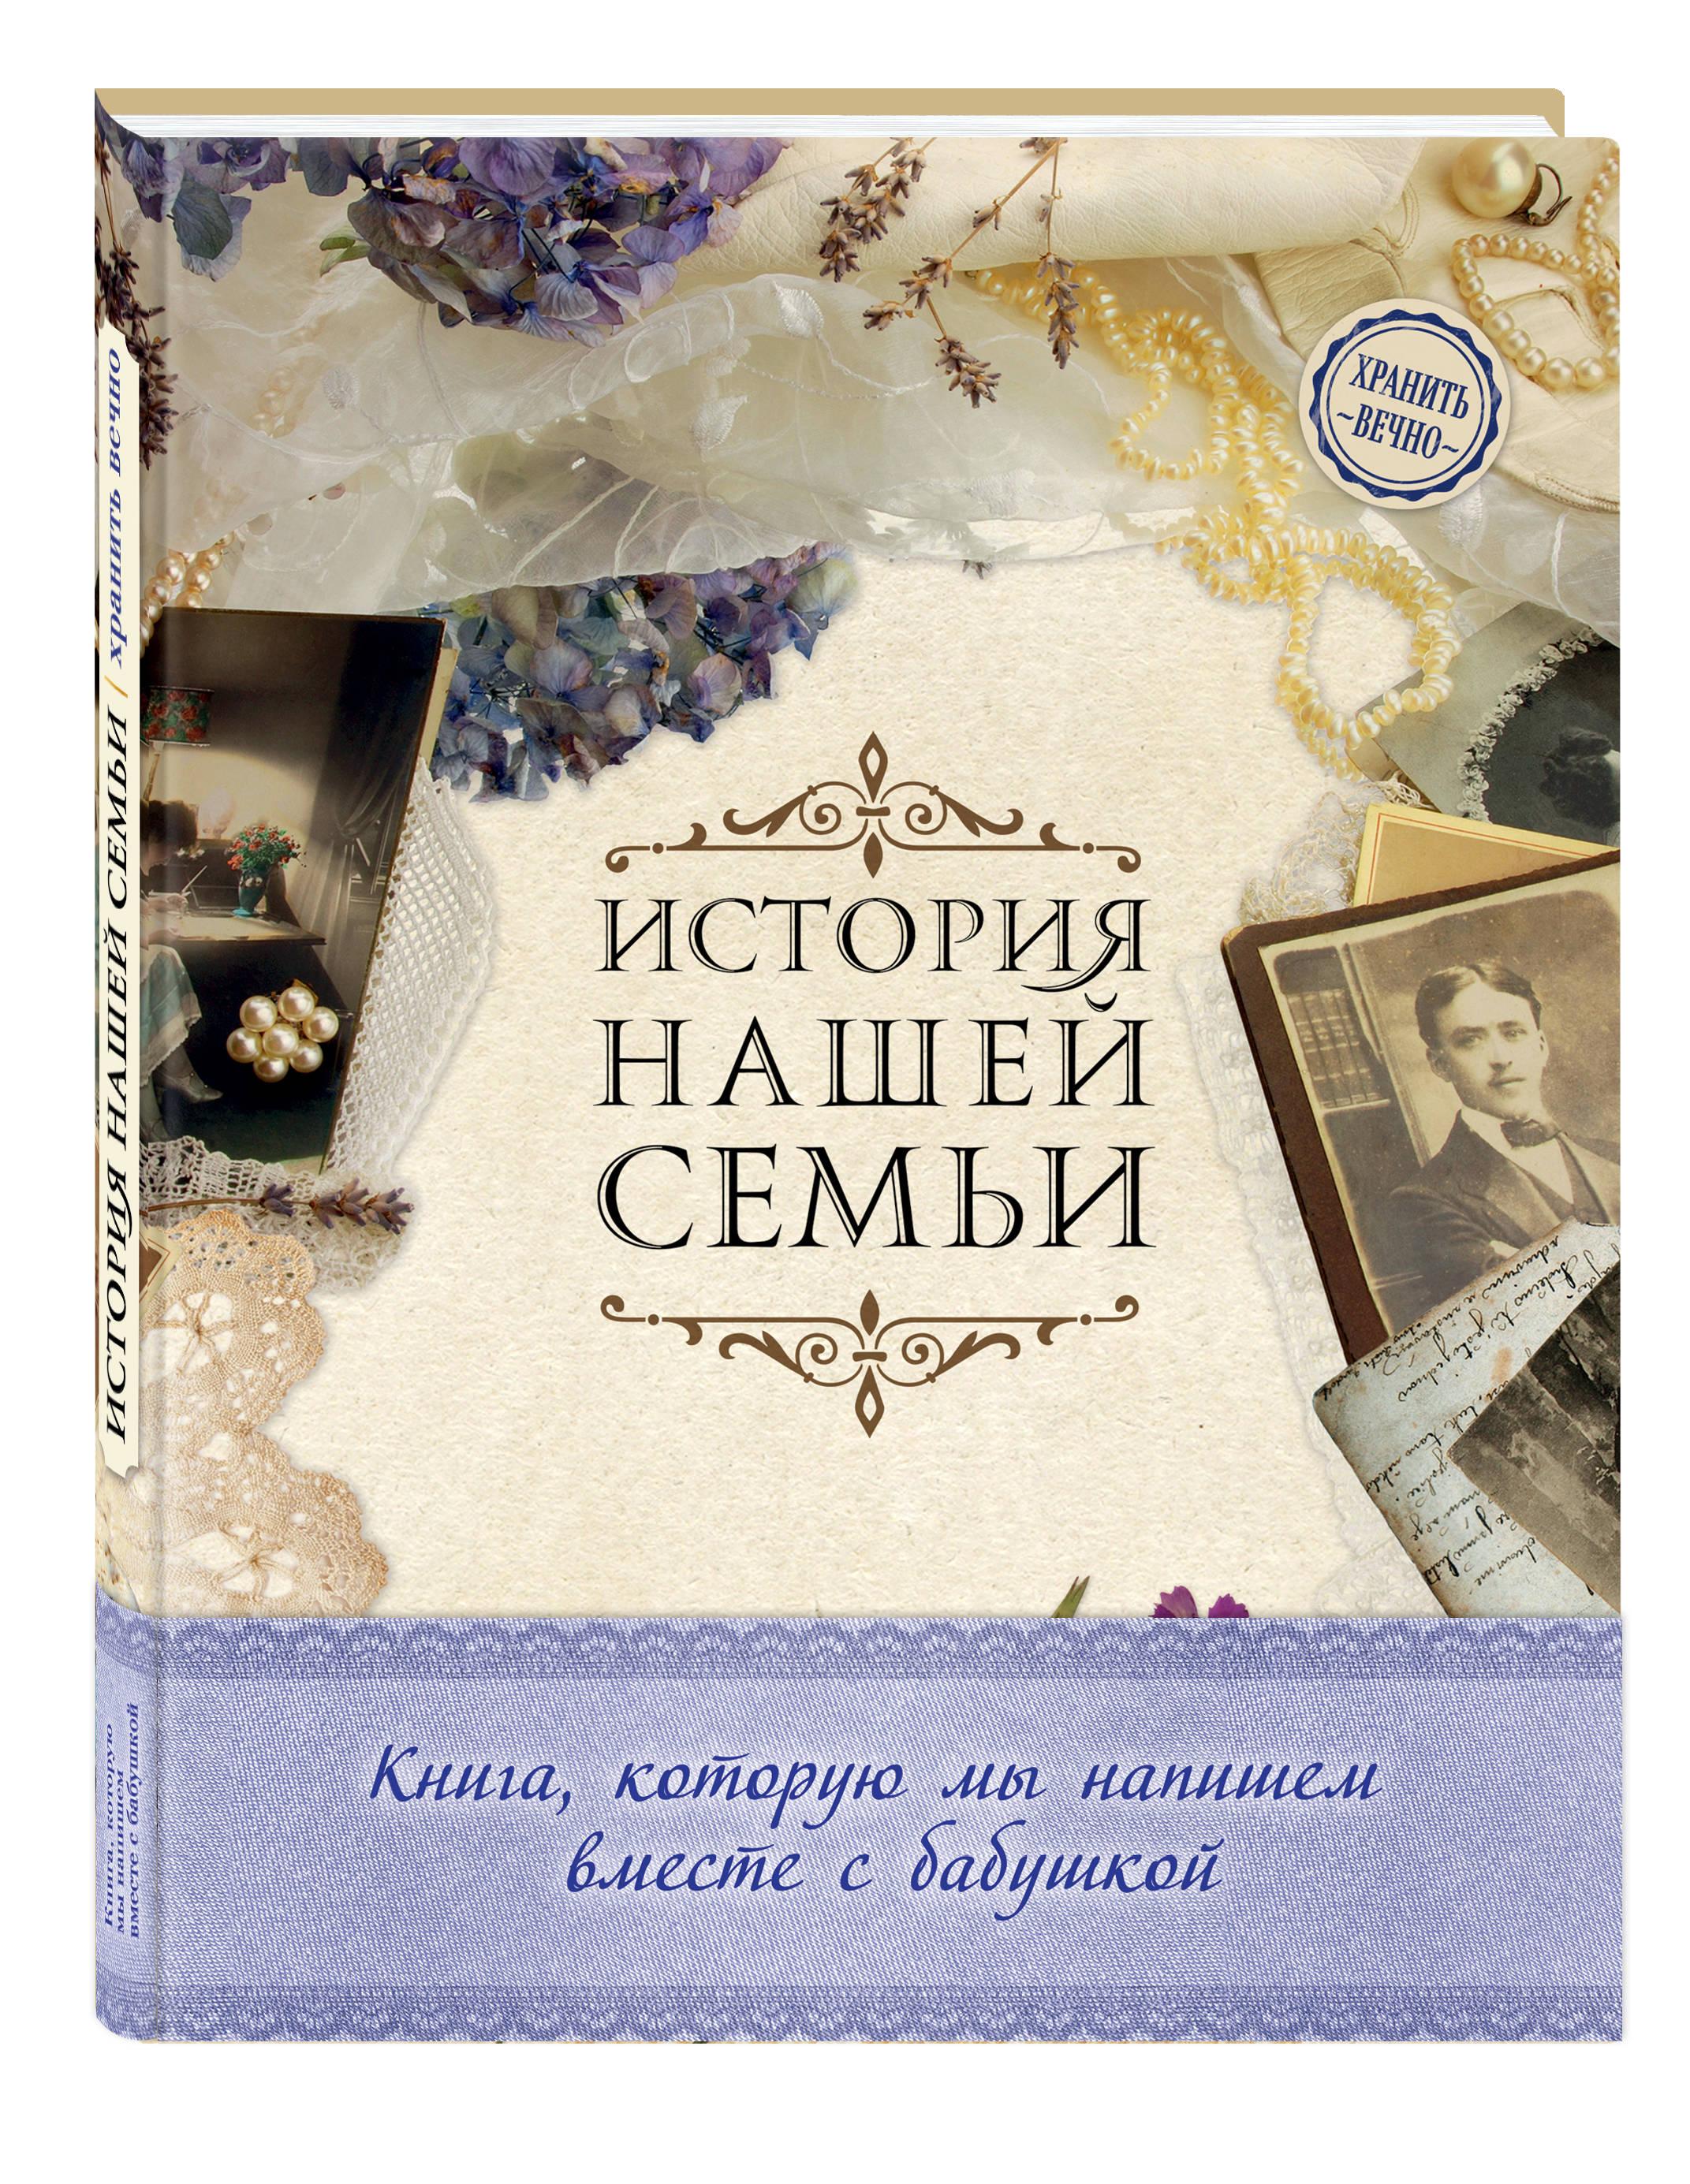 История нашей семьи. Книга, которую мы напишем вместе с бабушкой (оф. 1)